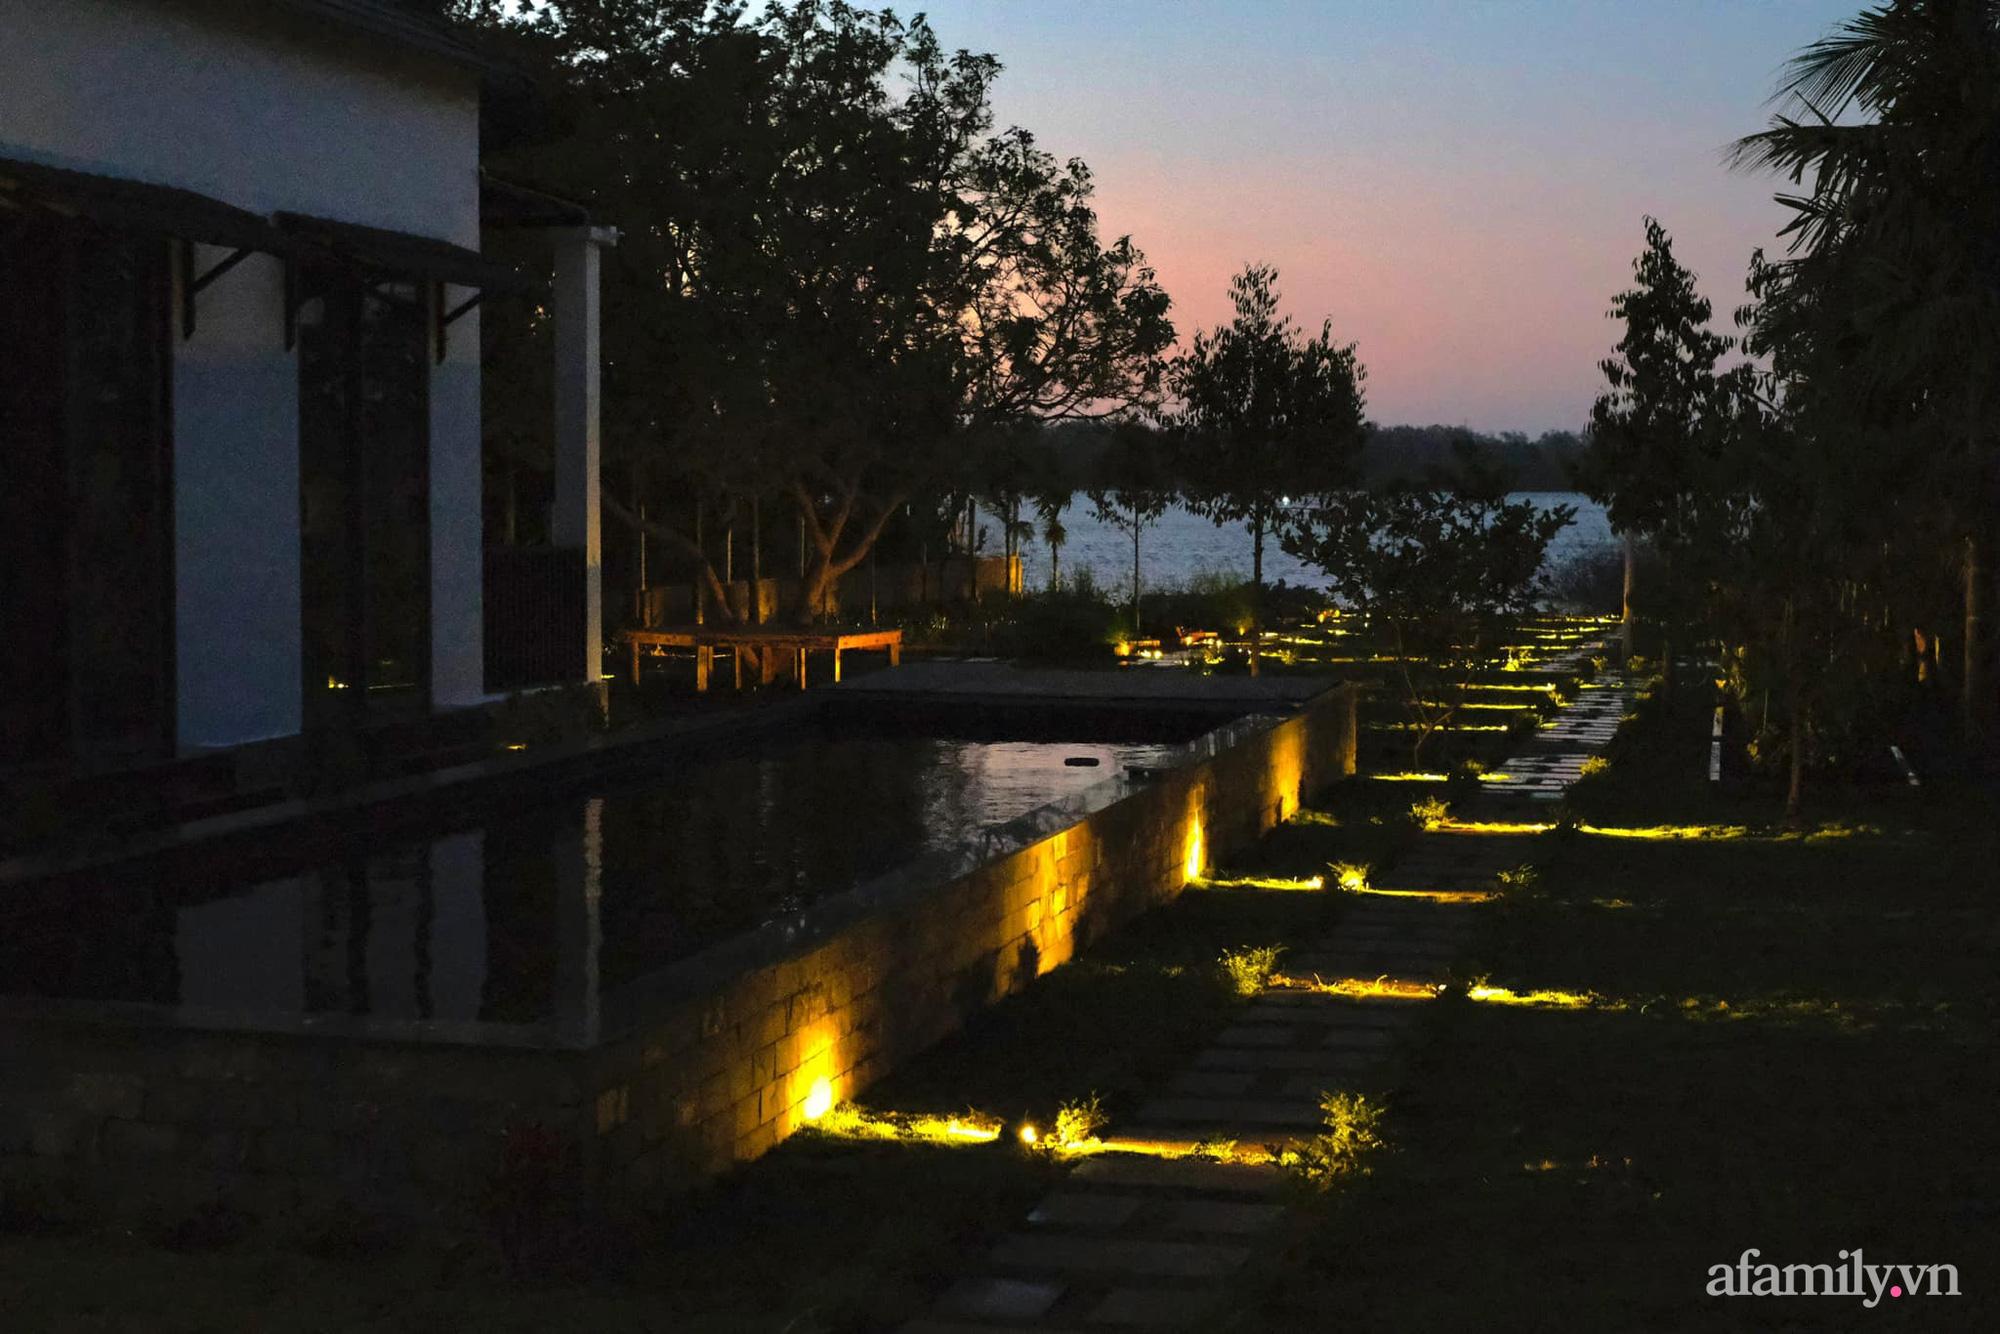 Căn nhà gỗ bình yên hướng tầm nhìn ra hồ nước trong veo, thơ mộng ở Buôn Mê Thuột - Ảnh 26.